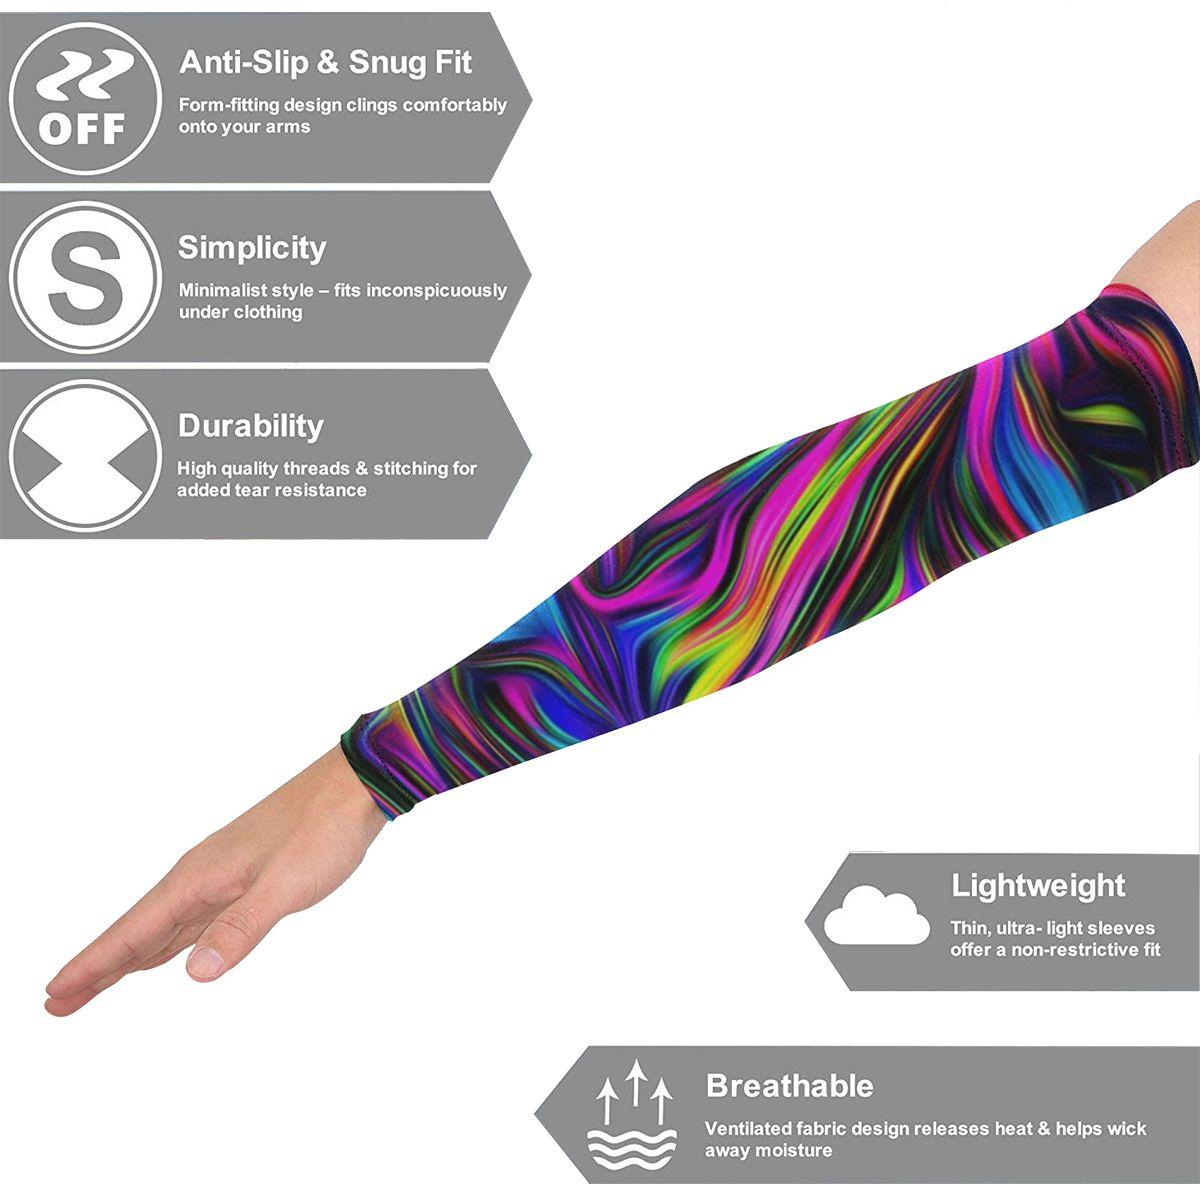 NOISYDESIGNS Искусство Фиолетовый красочный дизайн рукава Гетры спортивные длинные рукава Защита от солнца ручной защитный чехол теплые Mangas Para